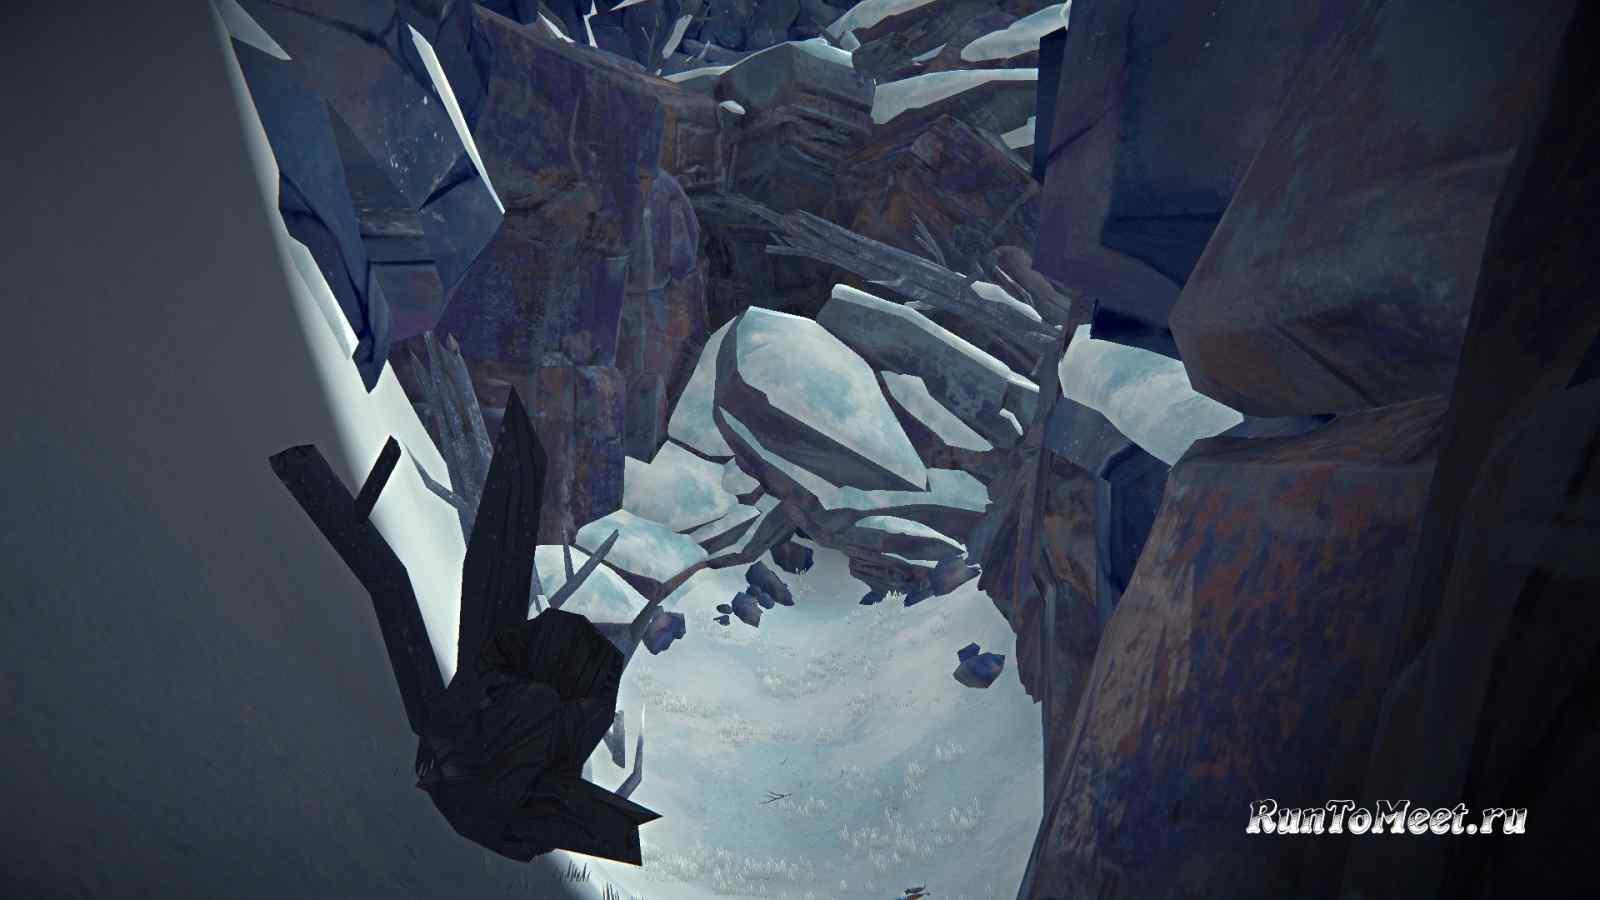 Переход в Пепельный каньон из ущелья Эхо, в игре The long dark